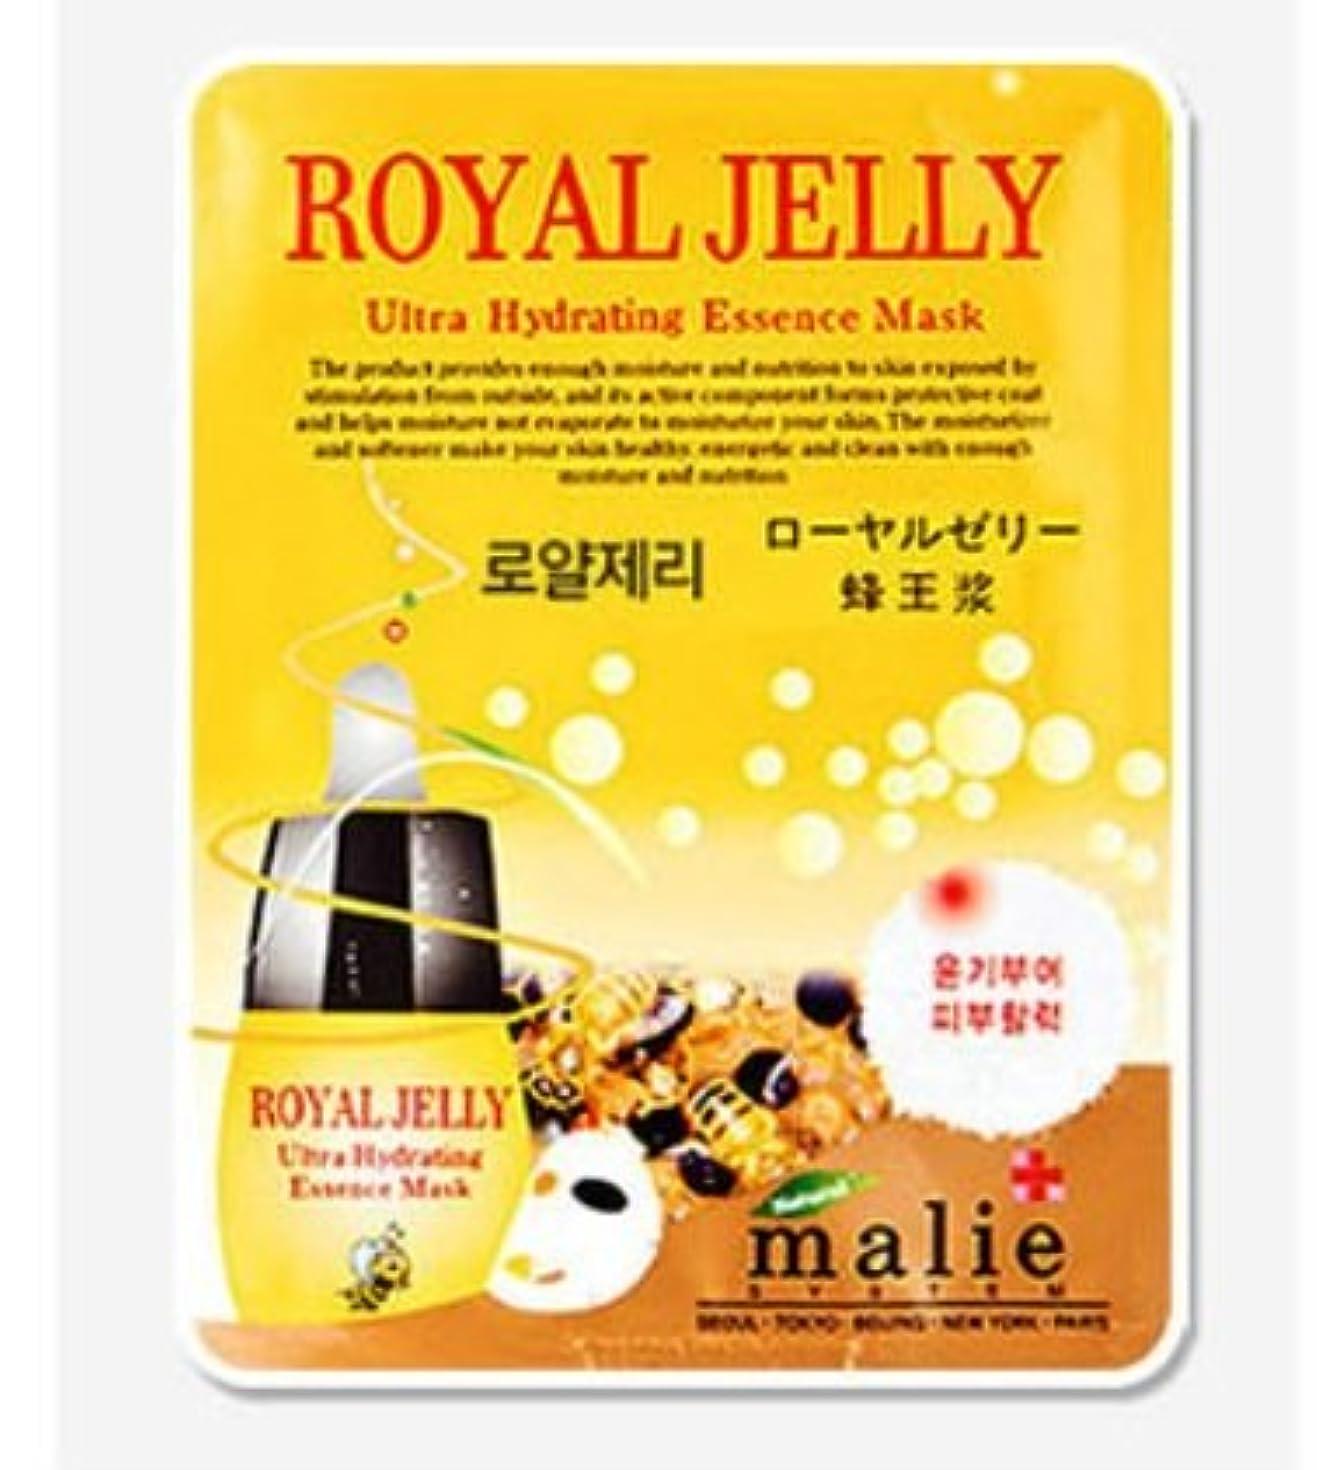 タッチ胴体航海[MALIE] まりえローヤルゼリーウルトラ?ハイドレーティング?エッセンスマスク25gX10枚 / Malie Royal Jelly Ultra Hydrating Essence Mask [並行輸入品]